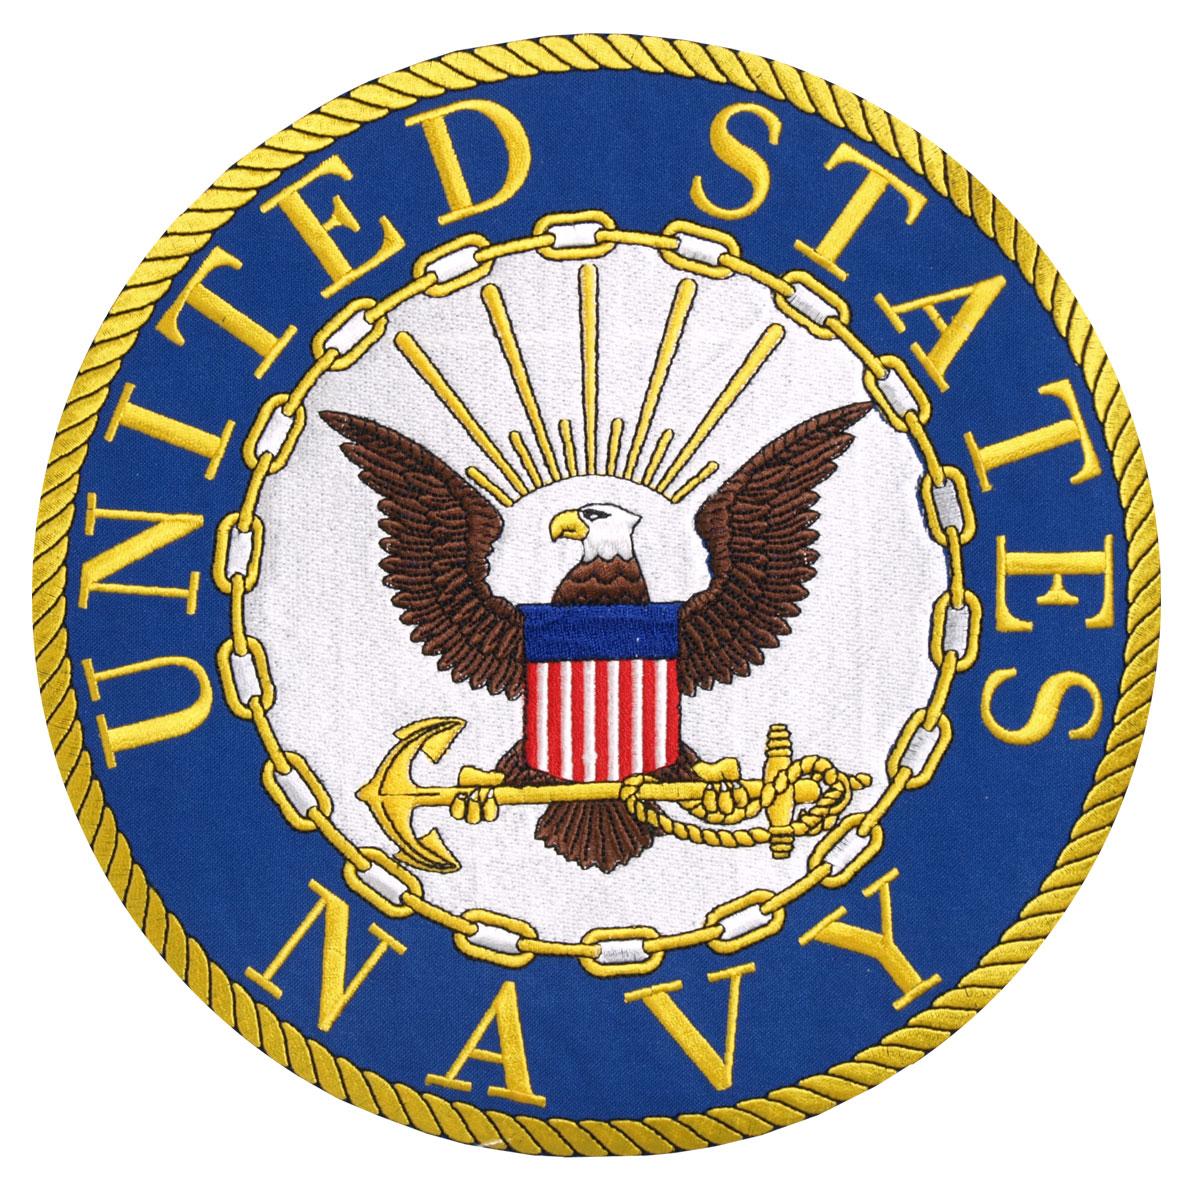 49+] US Navy Images Logo Wallpaper on WallpaperSafari.